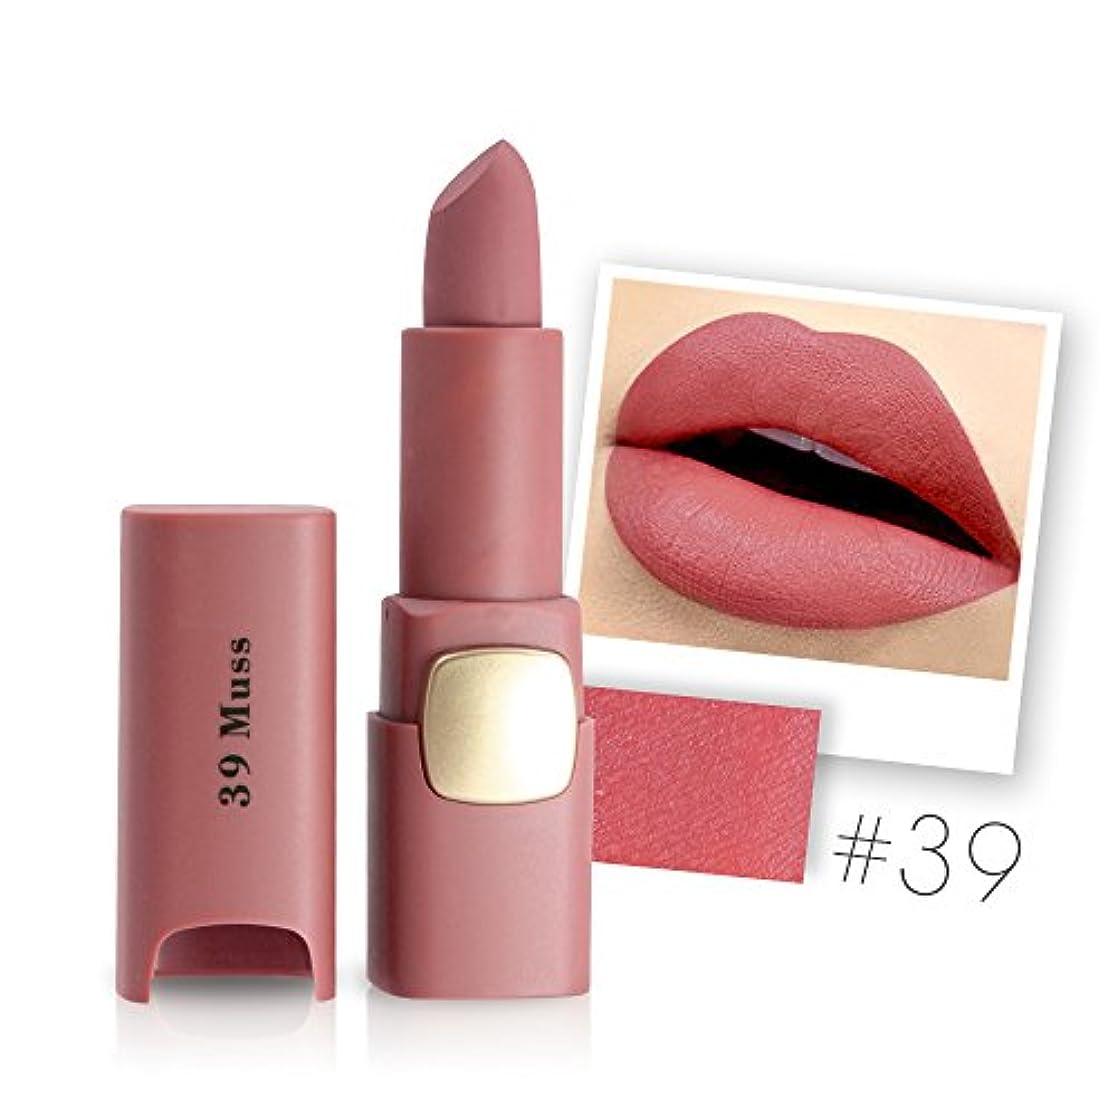 エクスタシー北へあいにくMiss Rose Brand Matte Lipstick Waterproof Lips Moisturizing Easy To Wear Makeup Lip Sticks Gloss Lipsticks Cosmetic